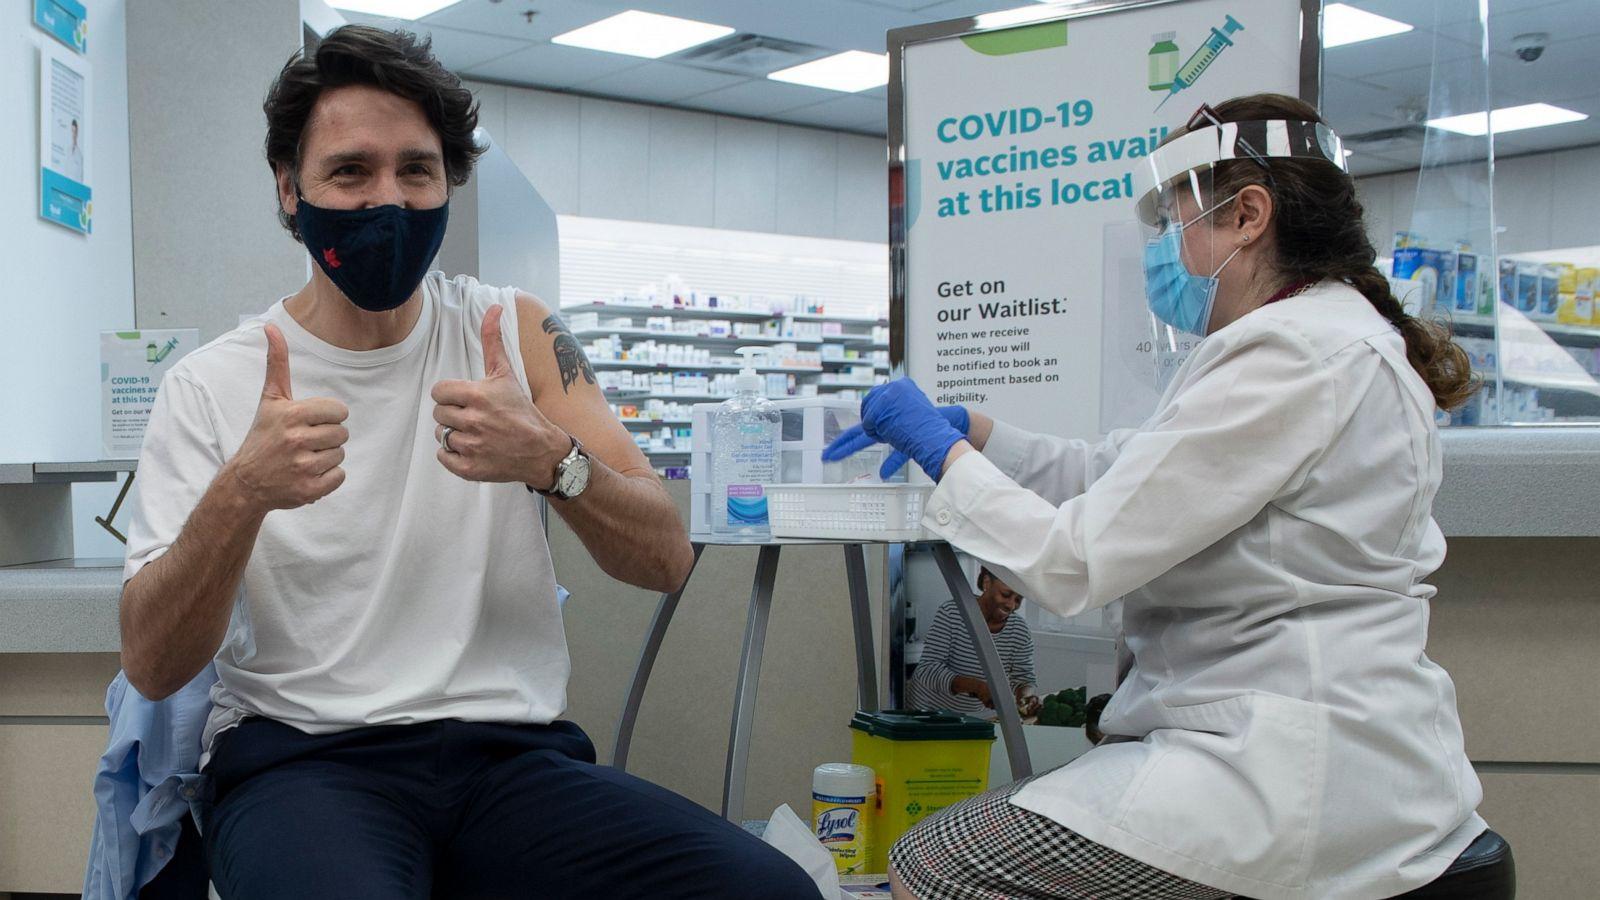 Chiến Dịch Tiêm Chủng Vaccine Covid-19 Của Canada Đang Có Hiệu Quả